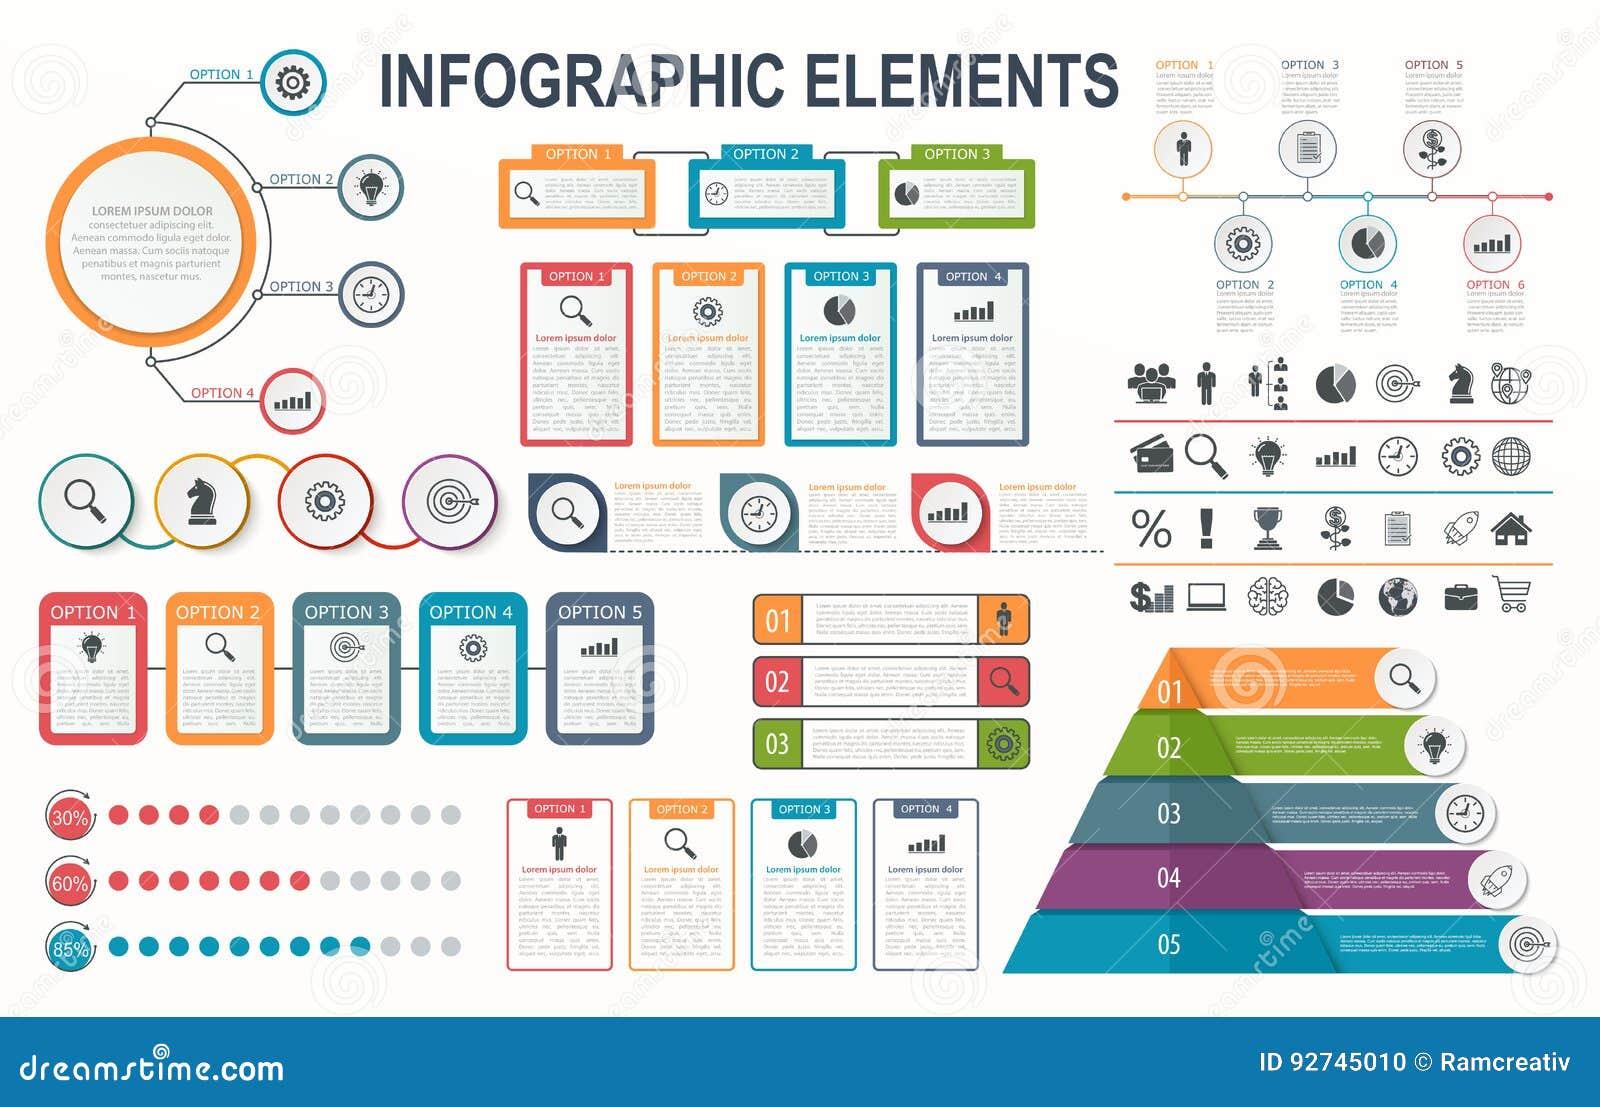 Infographic elementy, diagram, obieg układ, biznesowe krok opcje